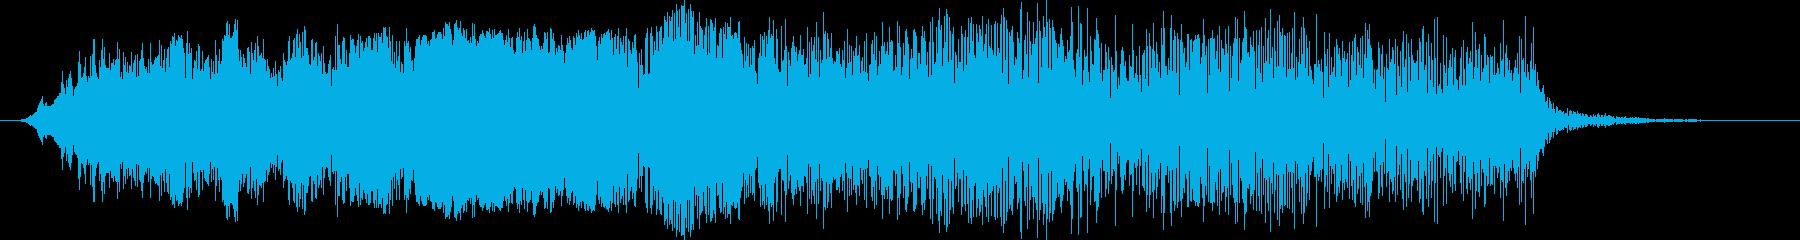 素材 ヒューッシングベースドロップ...の再生済みの波形